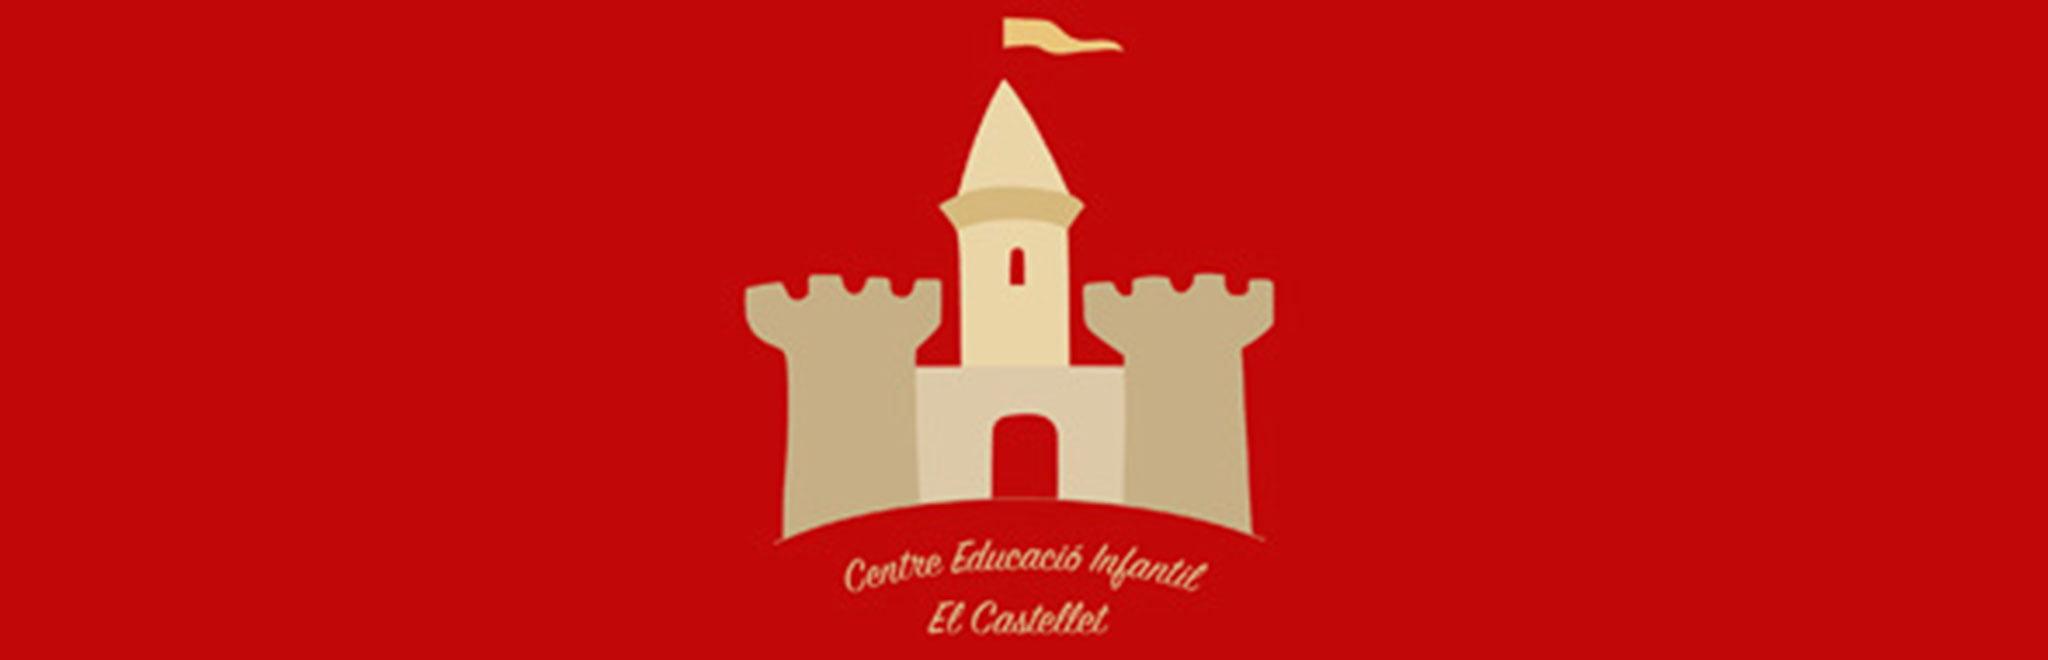 Logotip de CEI El Castellet